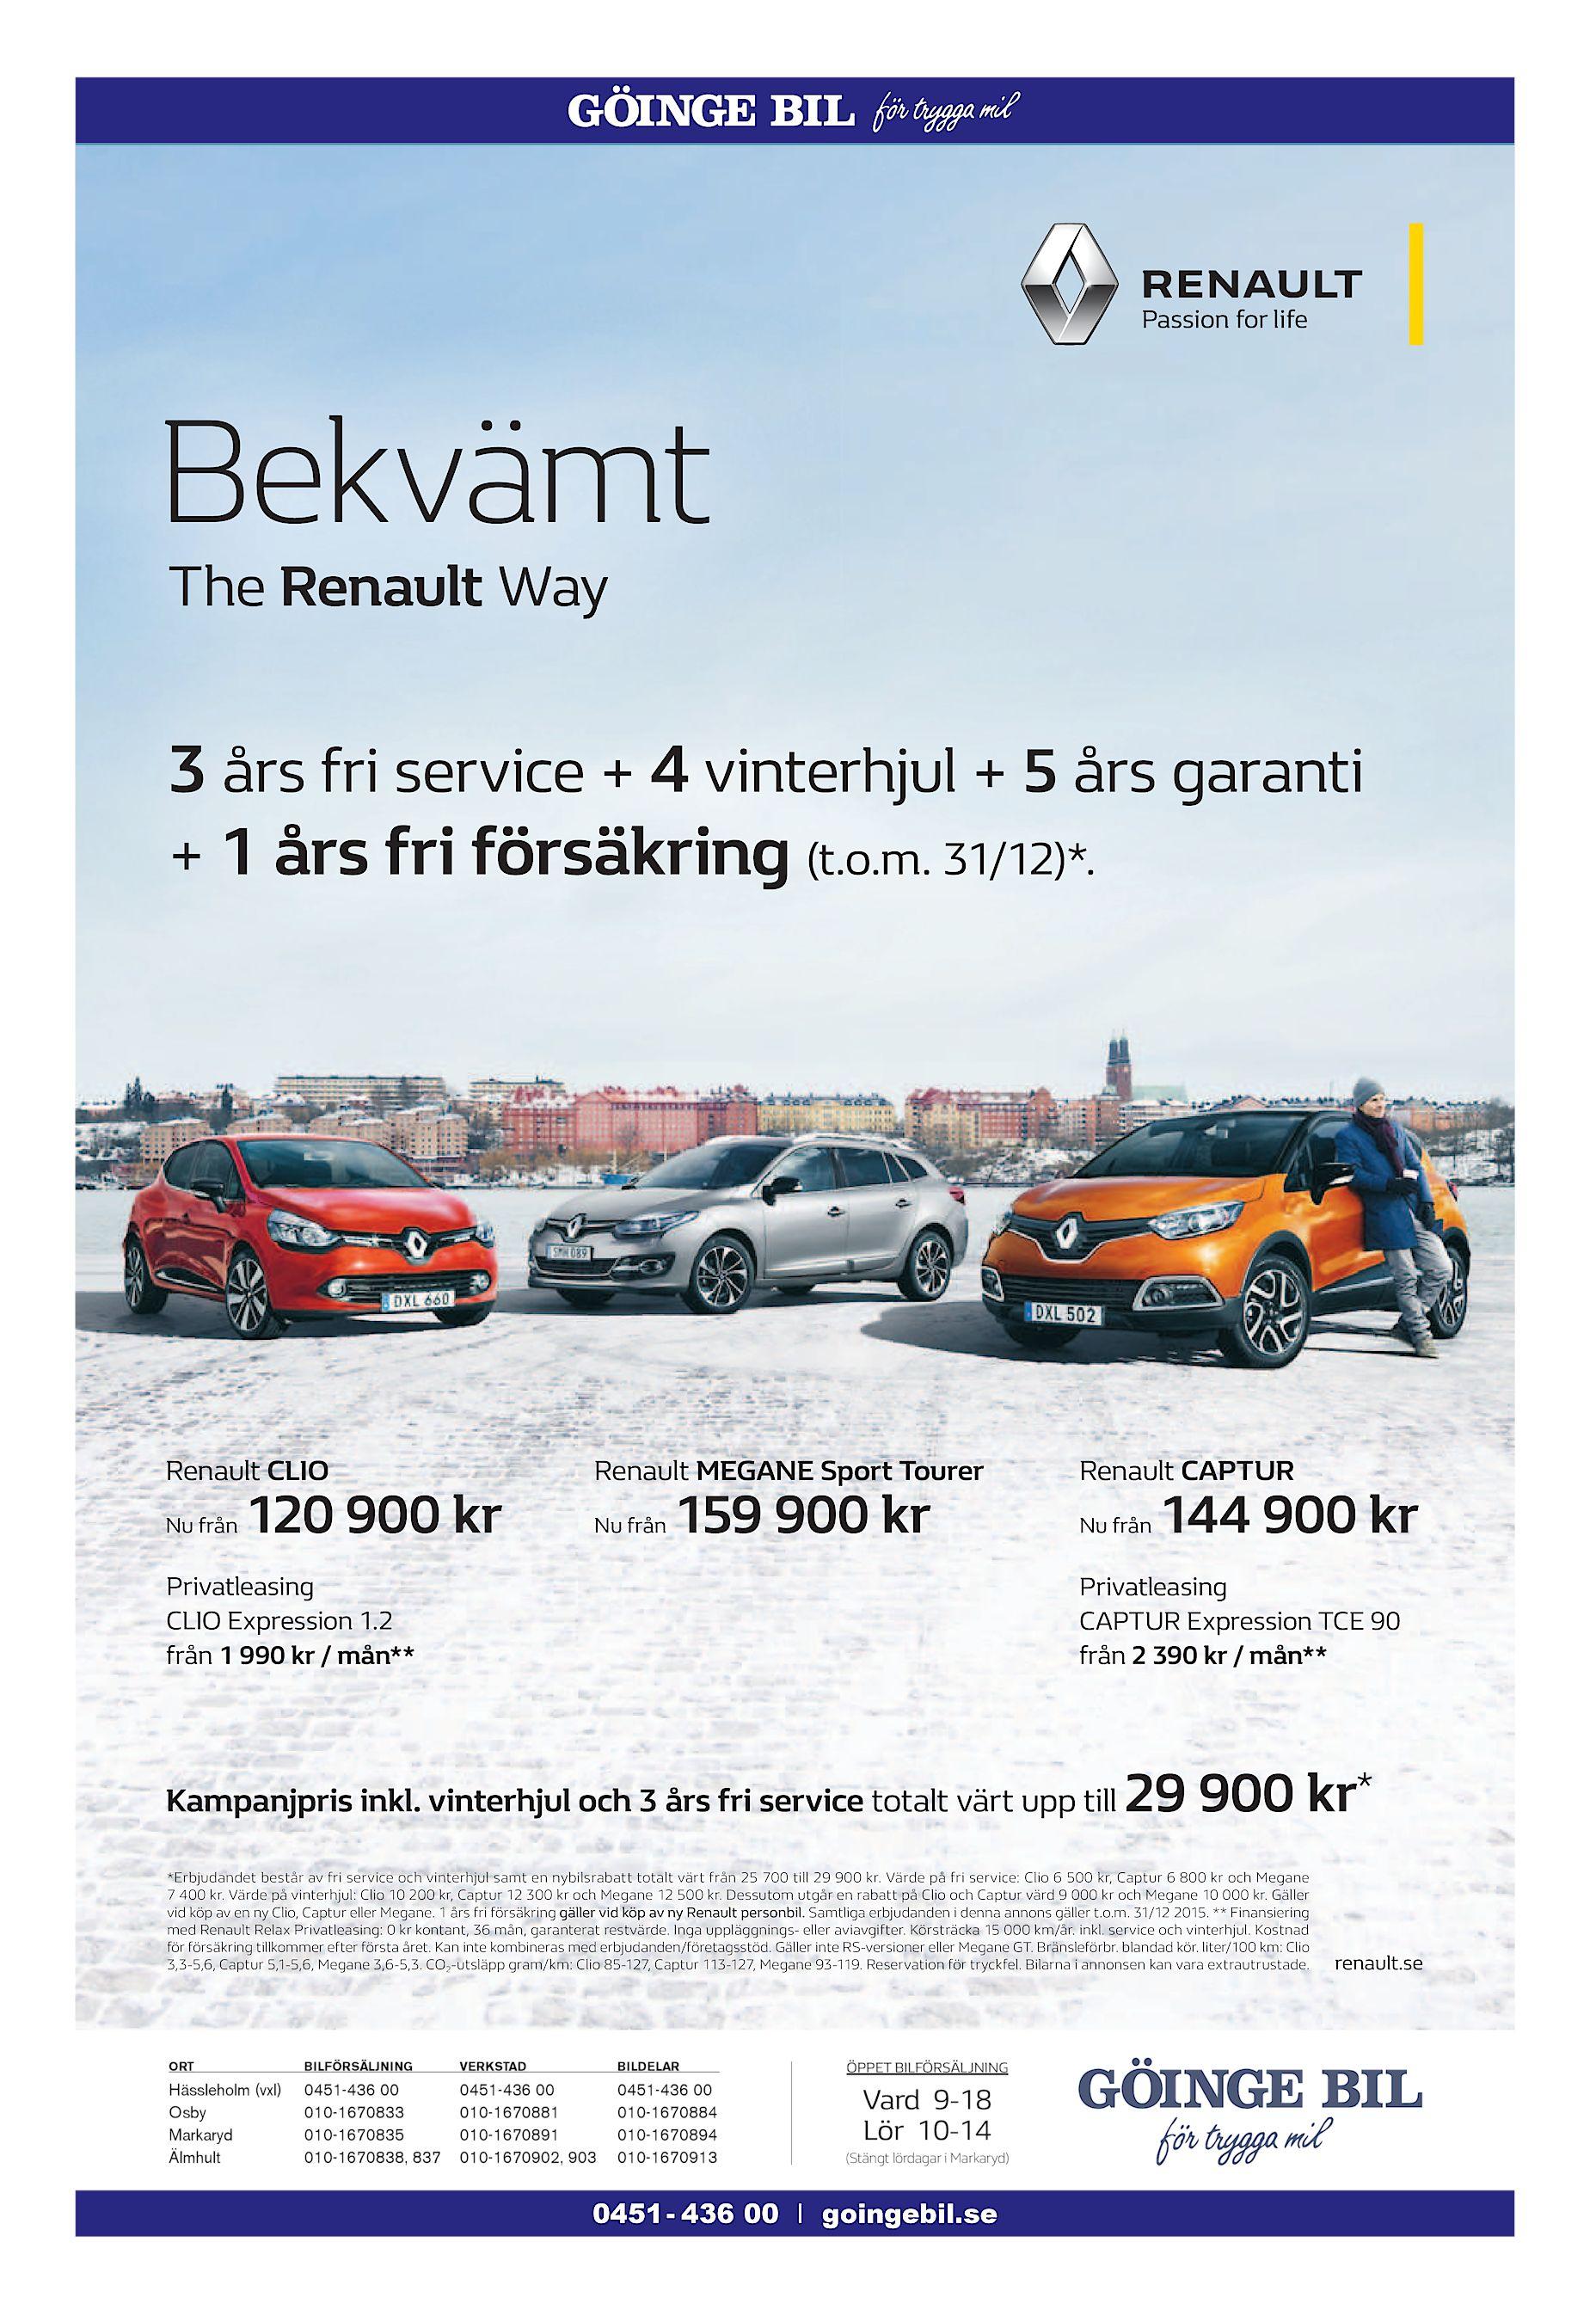 Renault ger dig 20 000 for din skrotbil